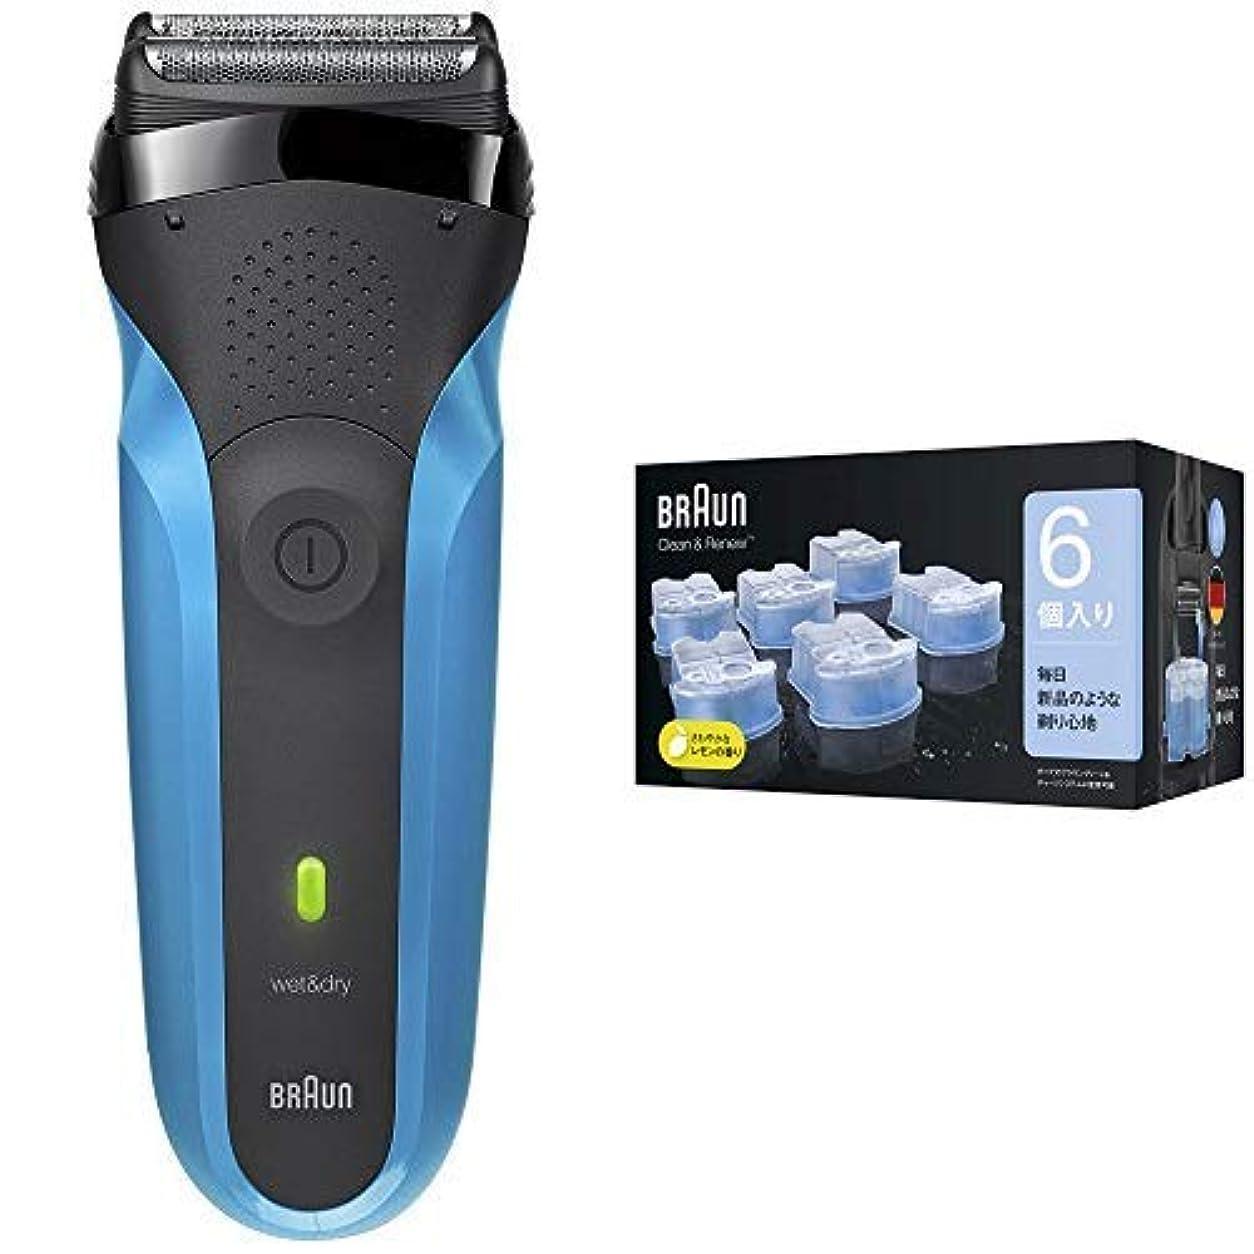 マットエキス資金ブラウン メンズ電気シェーバー シリーズ3 310s 3枚刃 水洗い/お風呂剃り可 & アルコール洗浄液 (6個入) メンズシェーバー用 CCR6 CR【正規品】